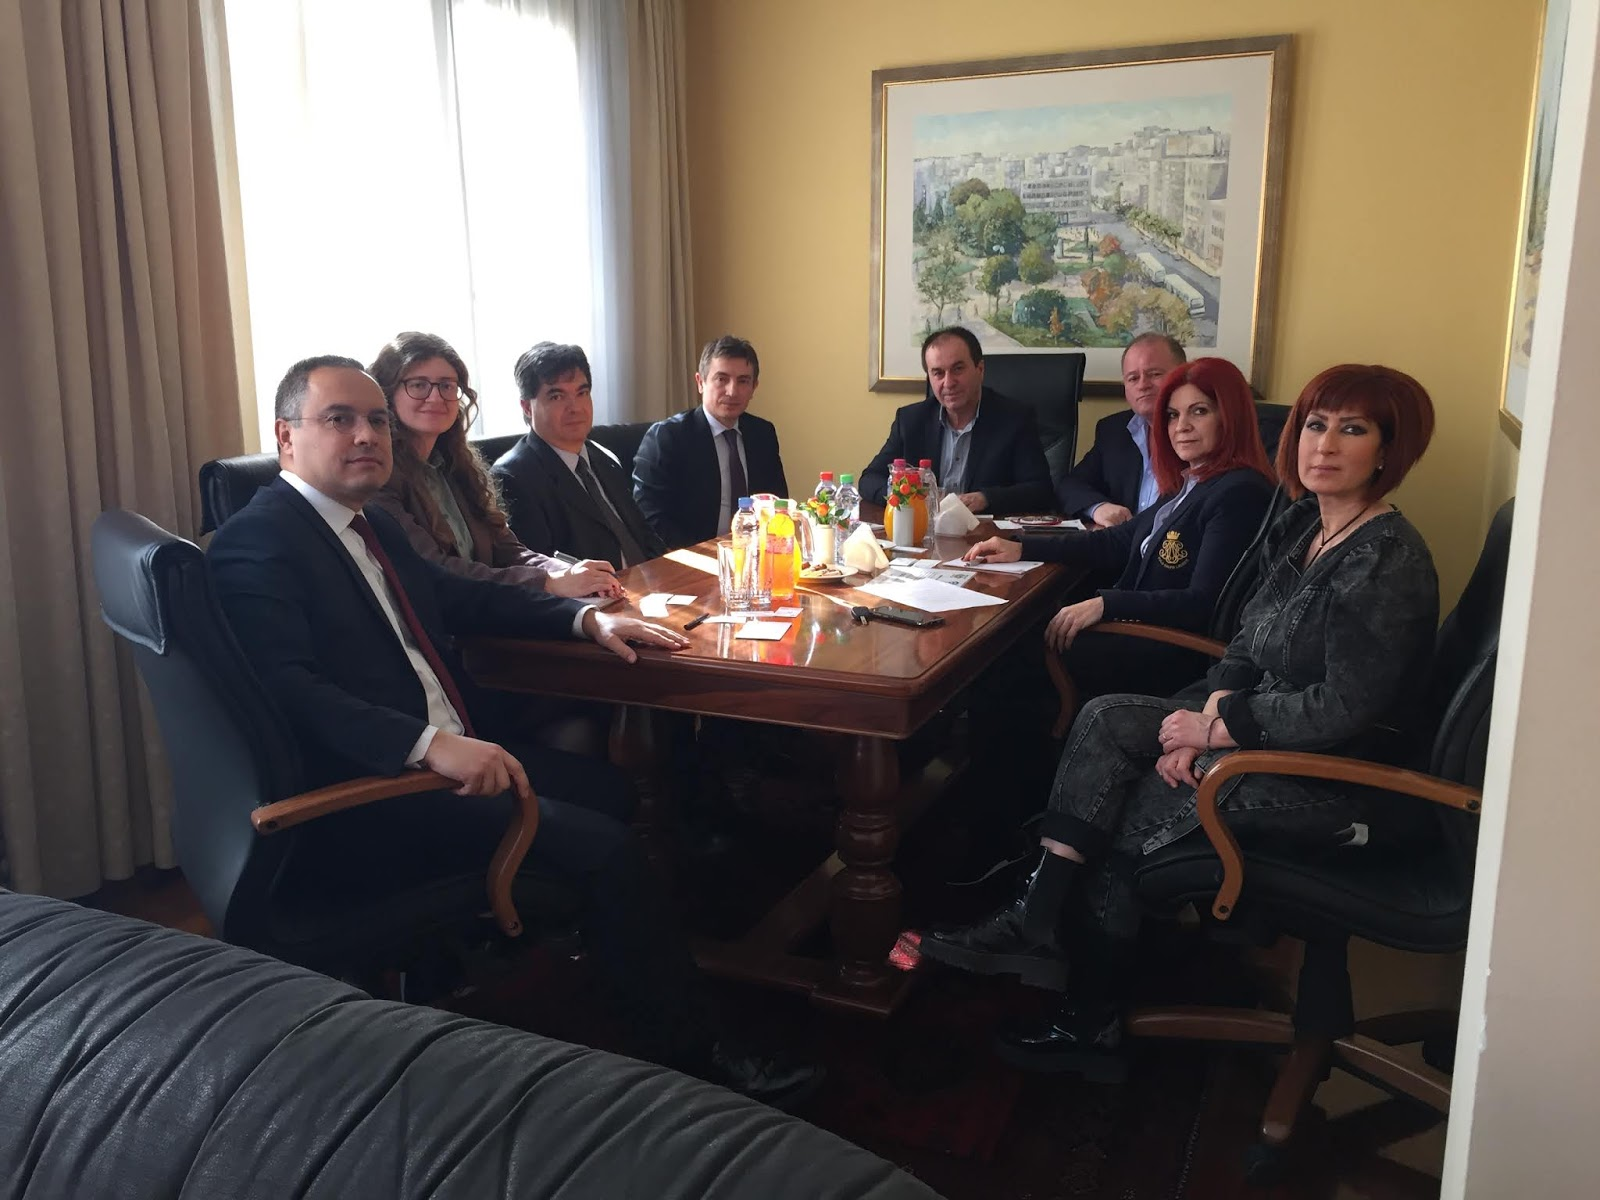 Ο Γενικός Πρόξενος της Τουρκίας στη Θεσ/νικη στο Επιμελητήριο Λάρισας